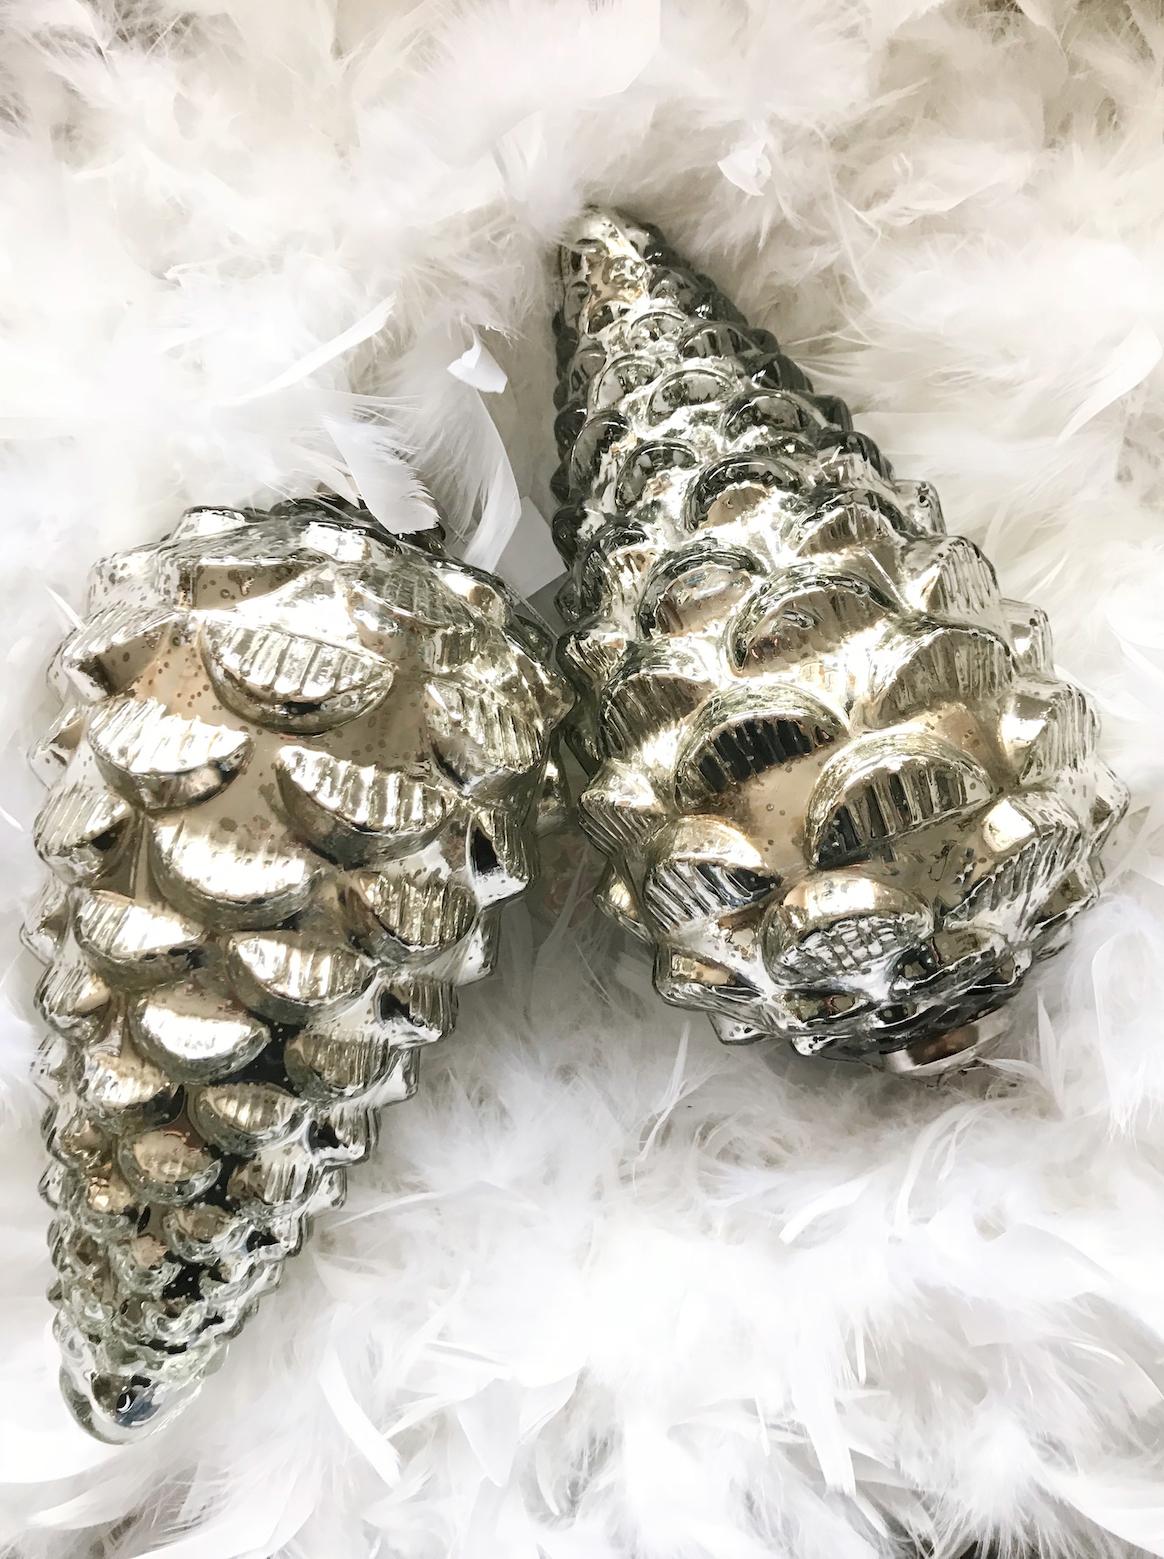 Tannenzapfen Eichel Bauernsilber Glas silber antik Weihnachtsschmuck ...